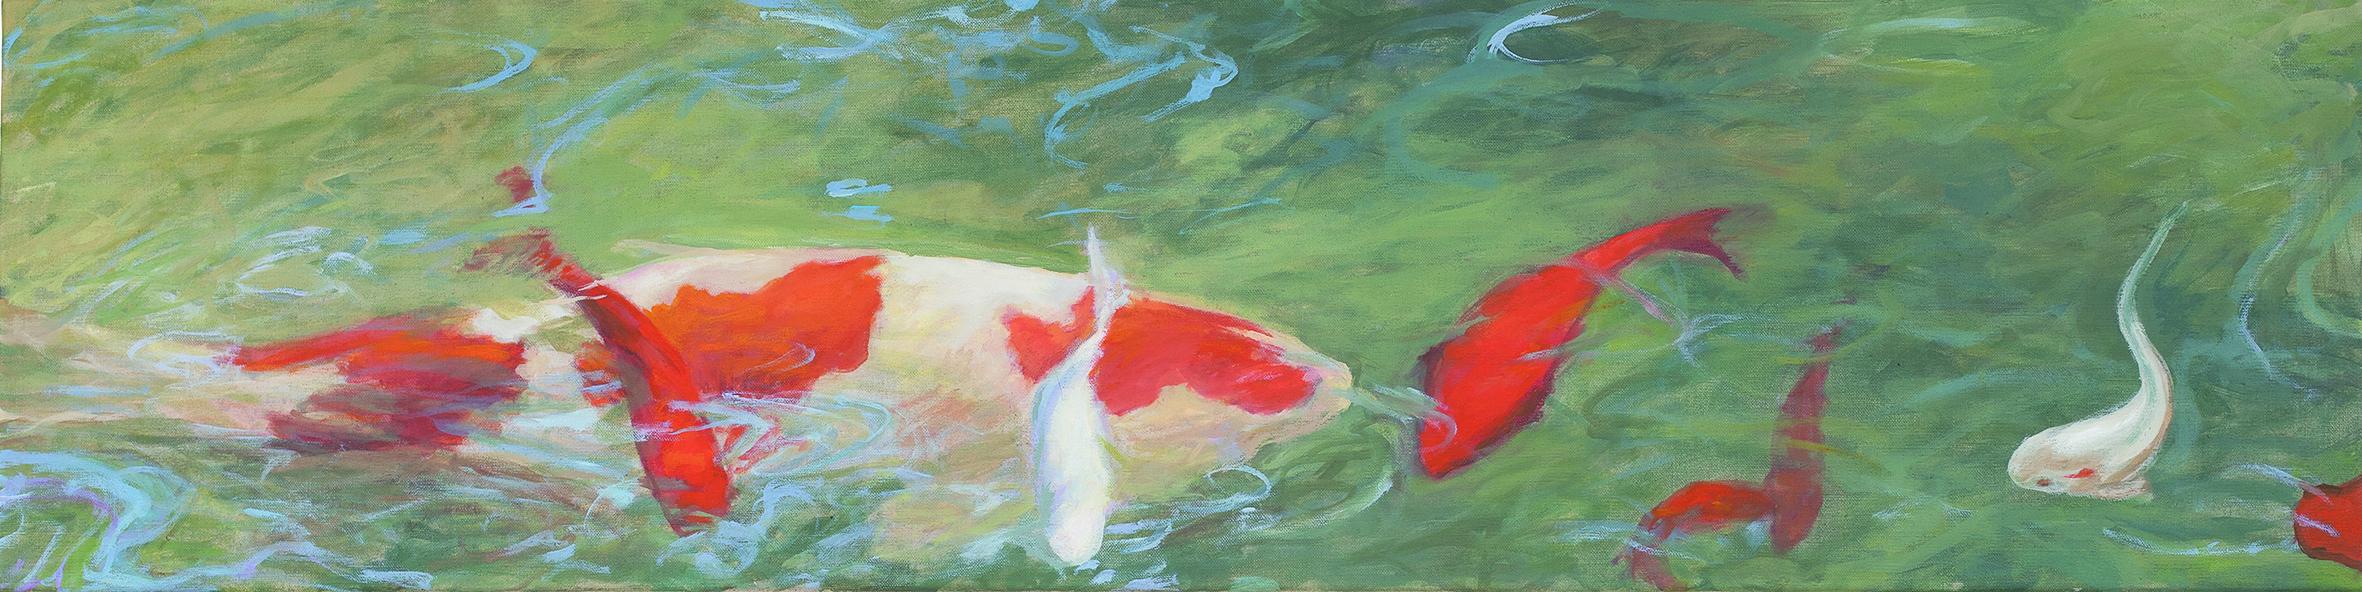 Une carpe et des poissons dans l'eau céladon